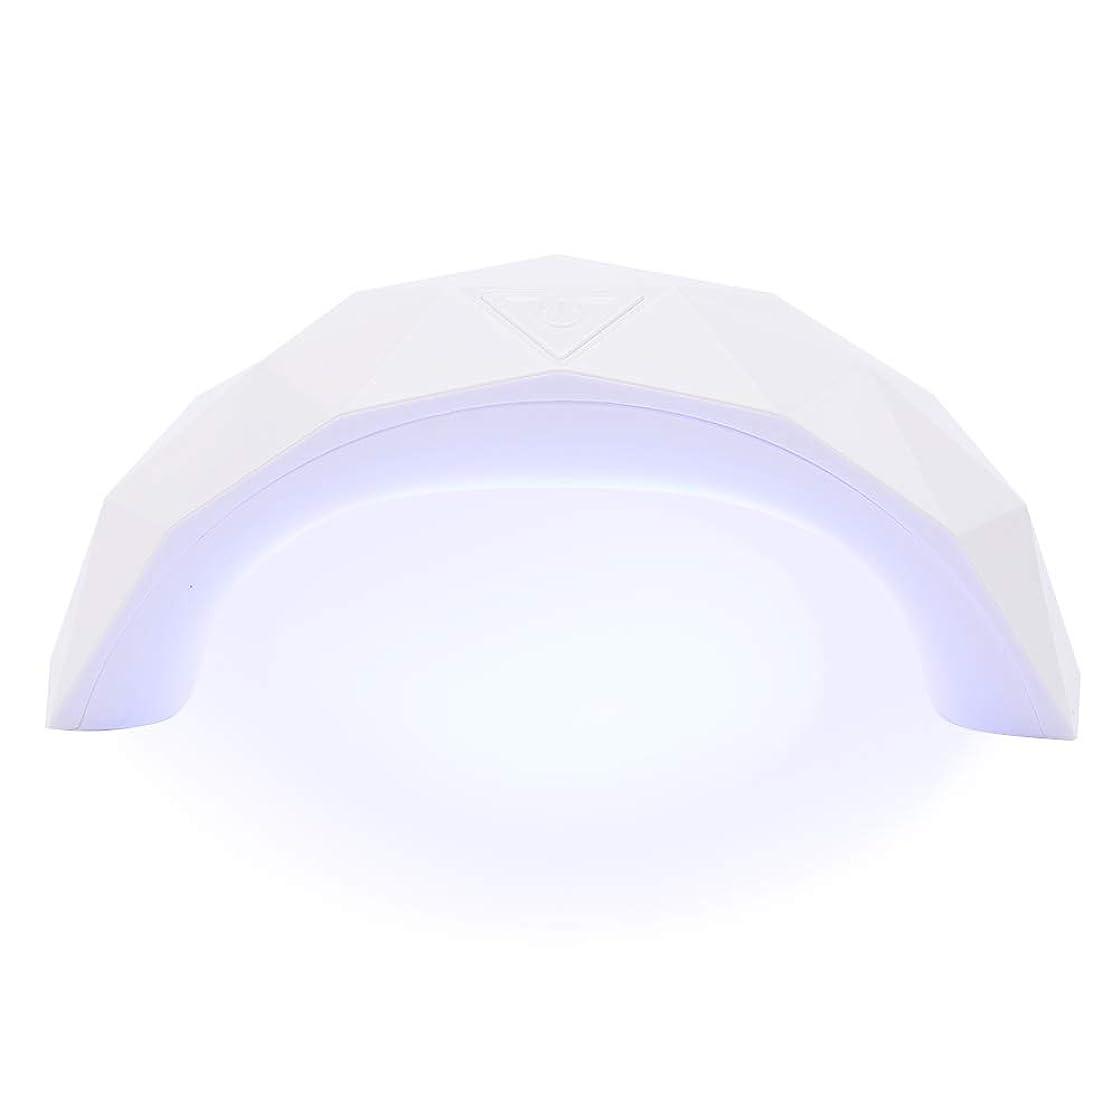 考古学者愛情忘れっぽいネイルライト 9W スマートライト LED UV ネイルドライヤー 赤外線美白機能付き